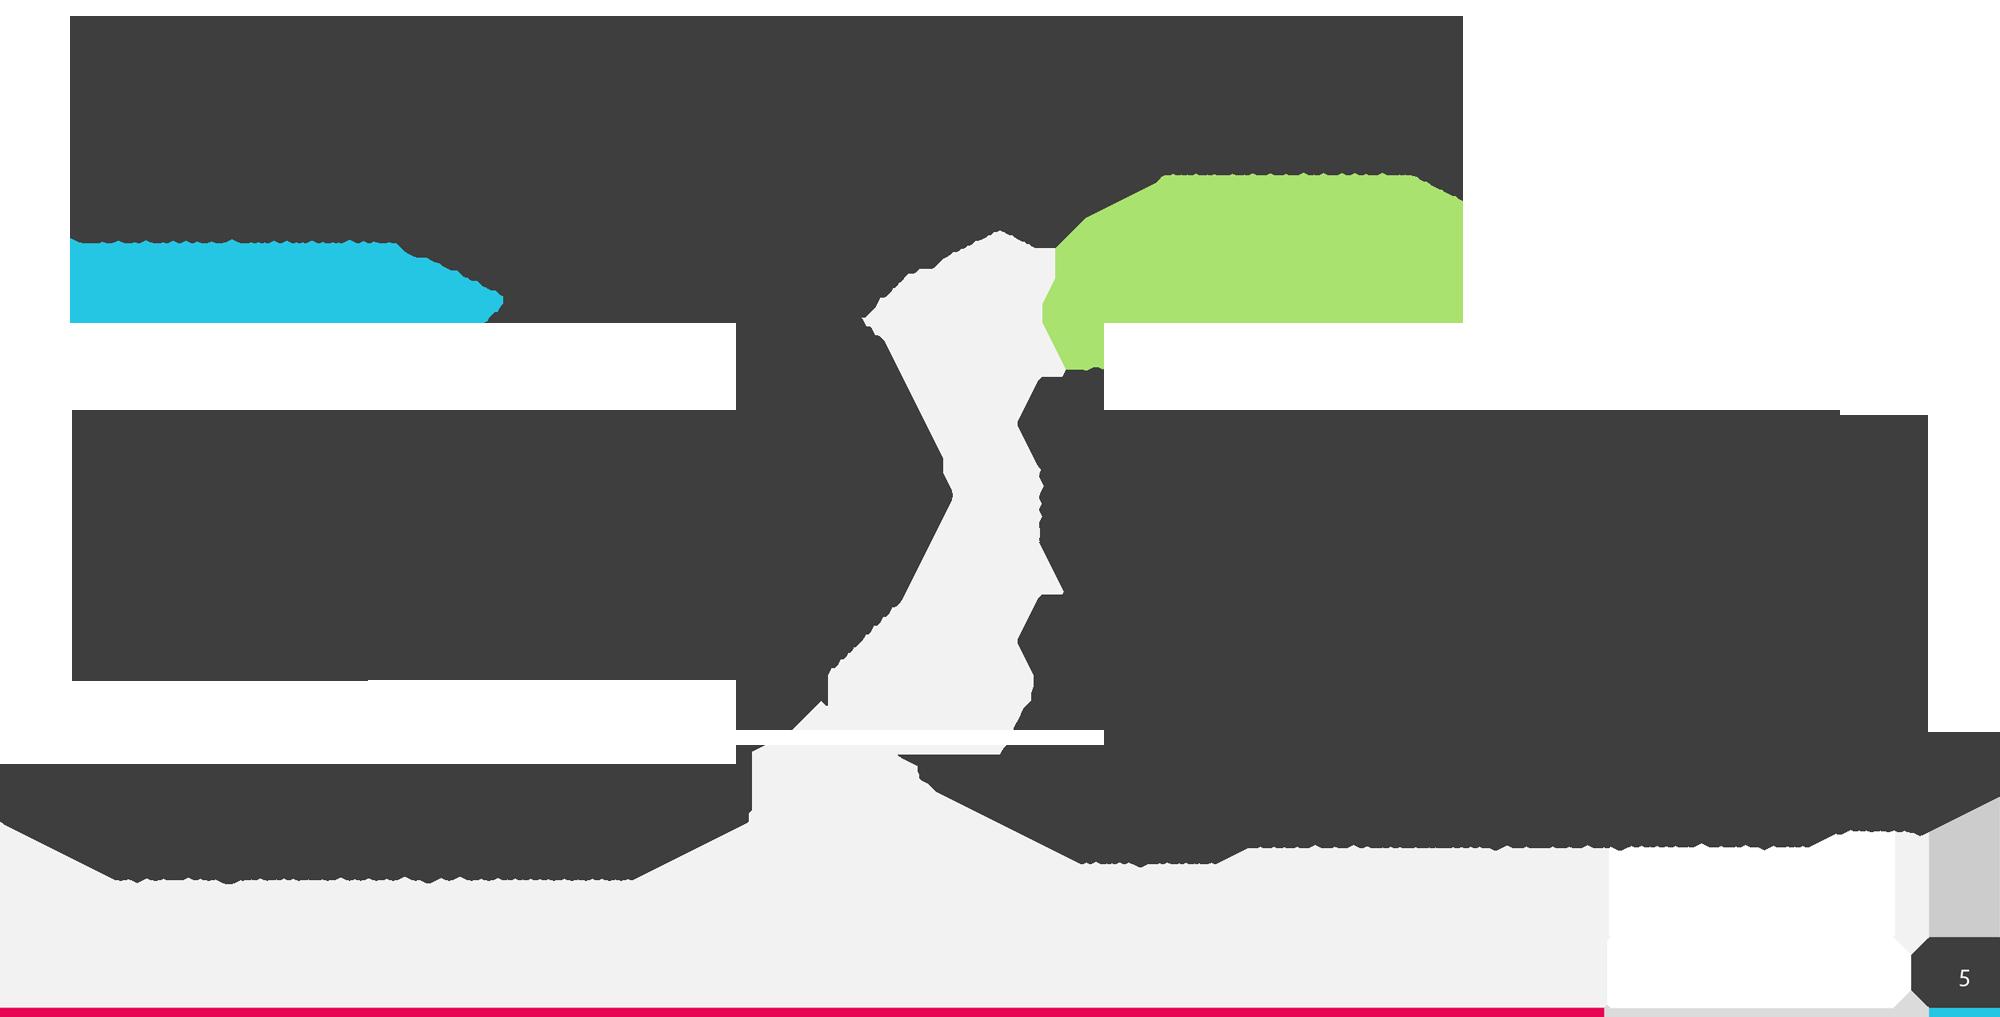 Inmobiliaria Mies - Seag - Alquiler garantizado (6)